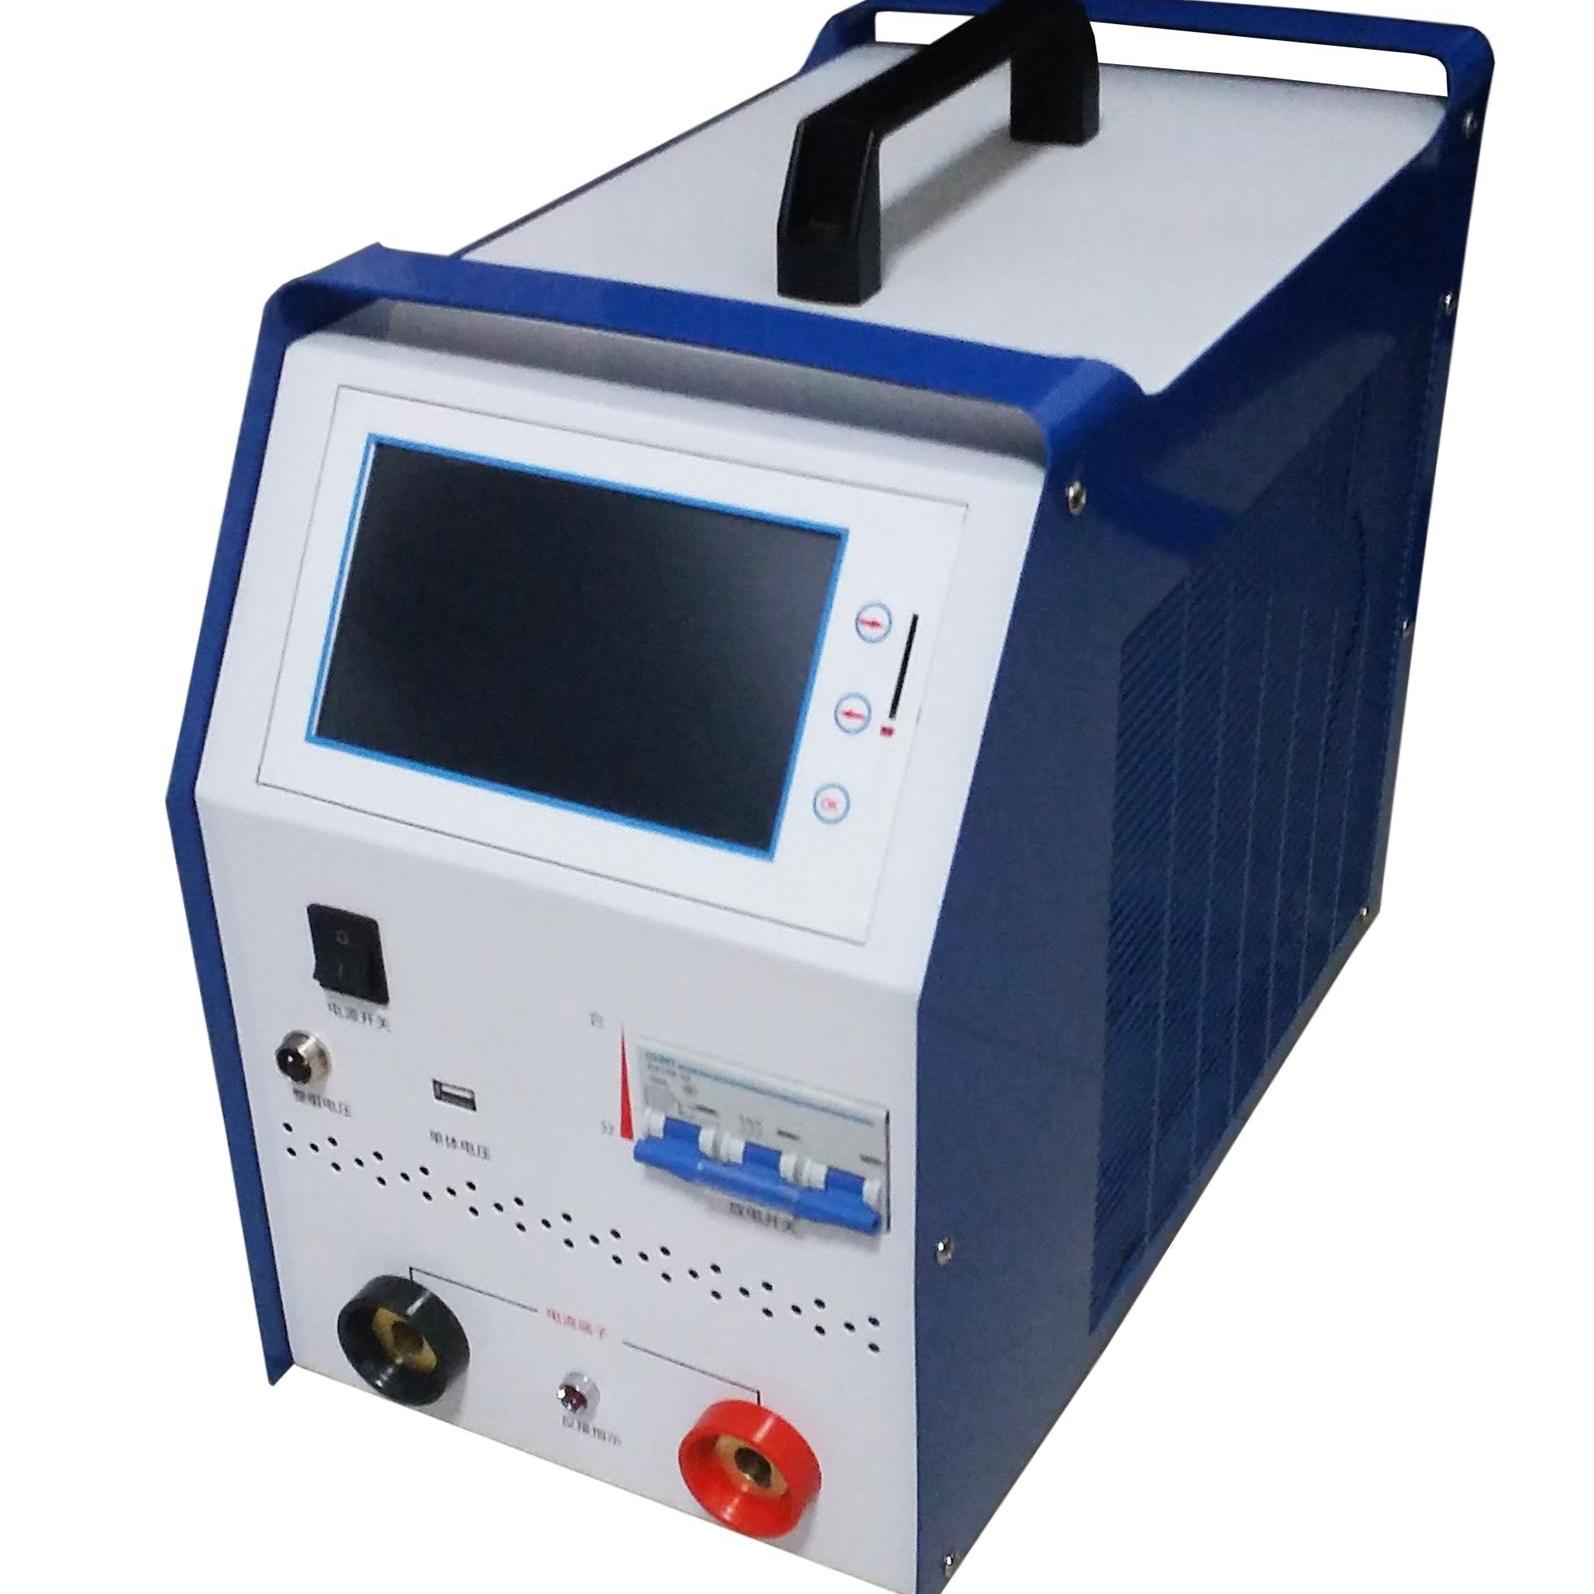 蓄电池充放测试仪电池活化